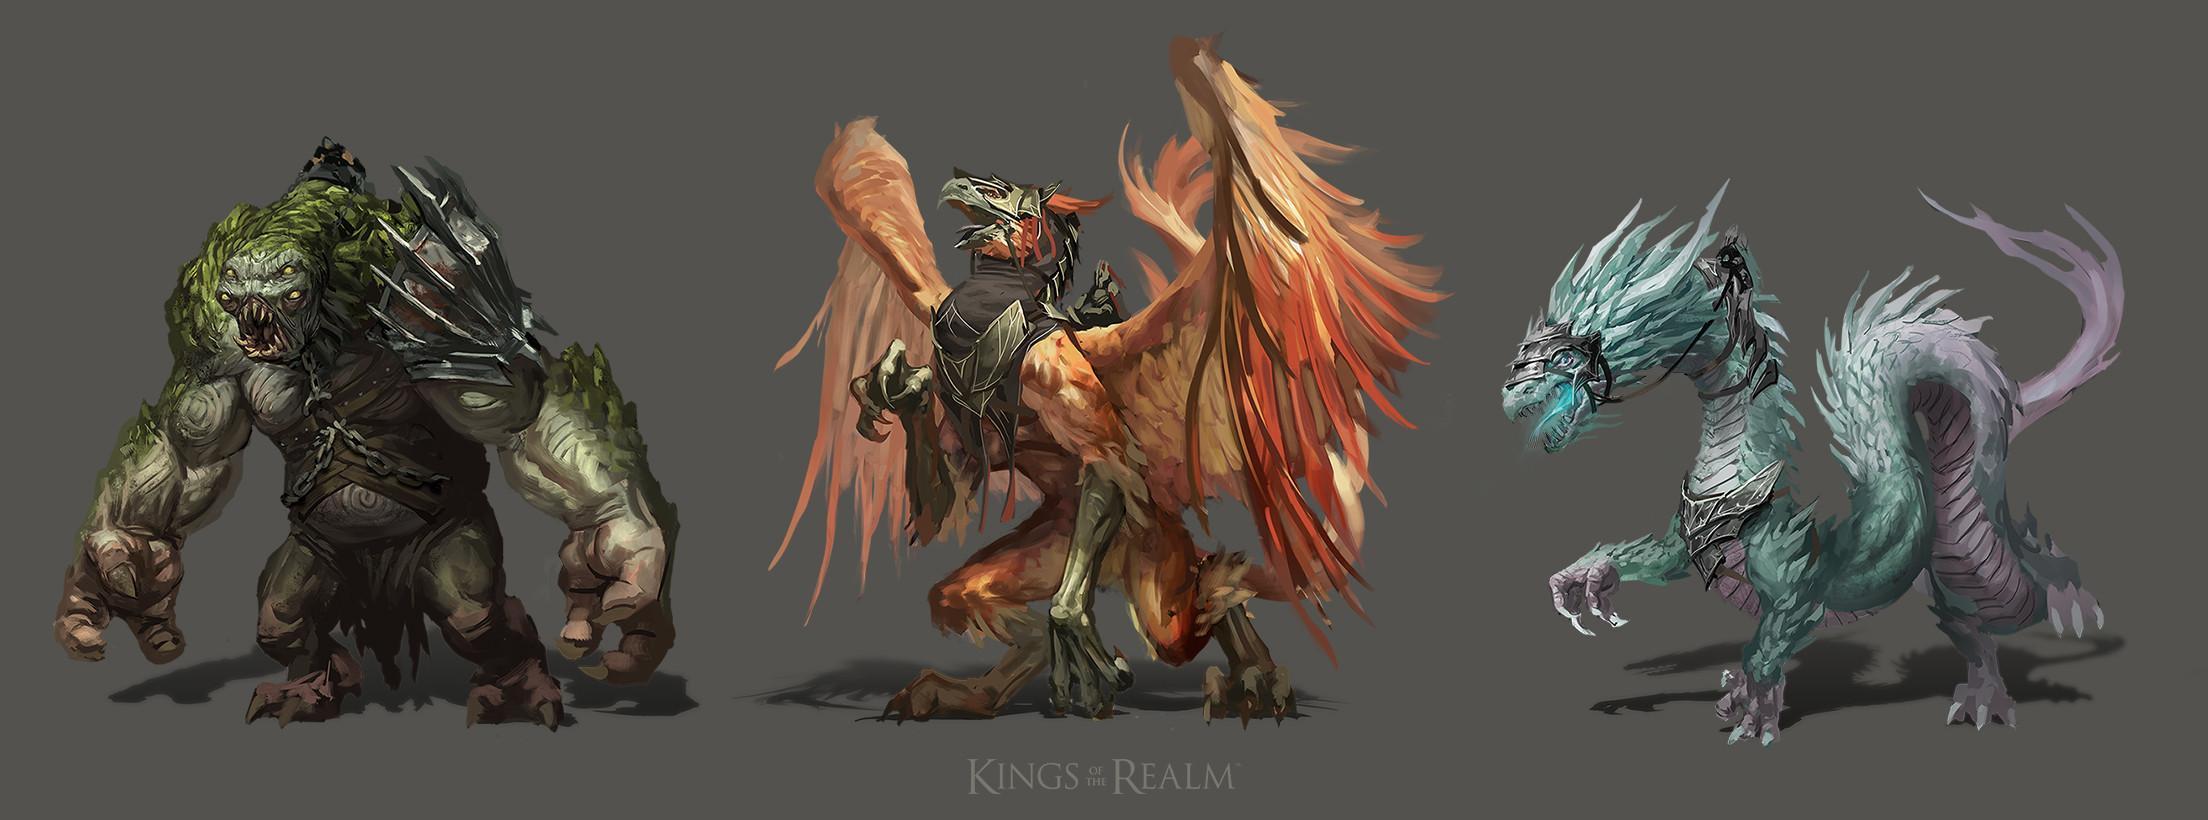 Tier 6 troops. Troll (Dwarf), Gryphon (Human), Basilisk (Elf).